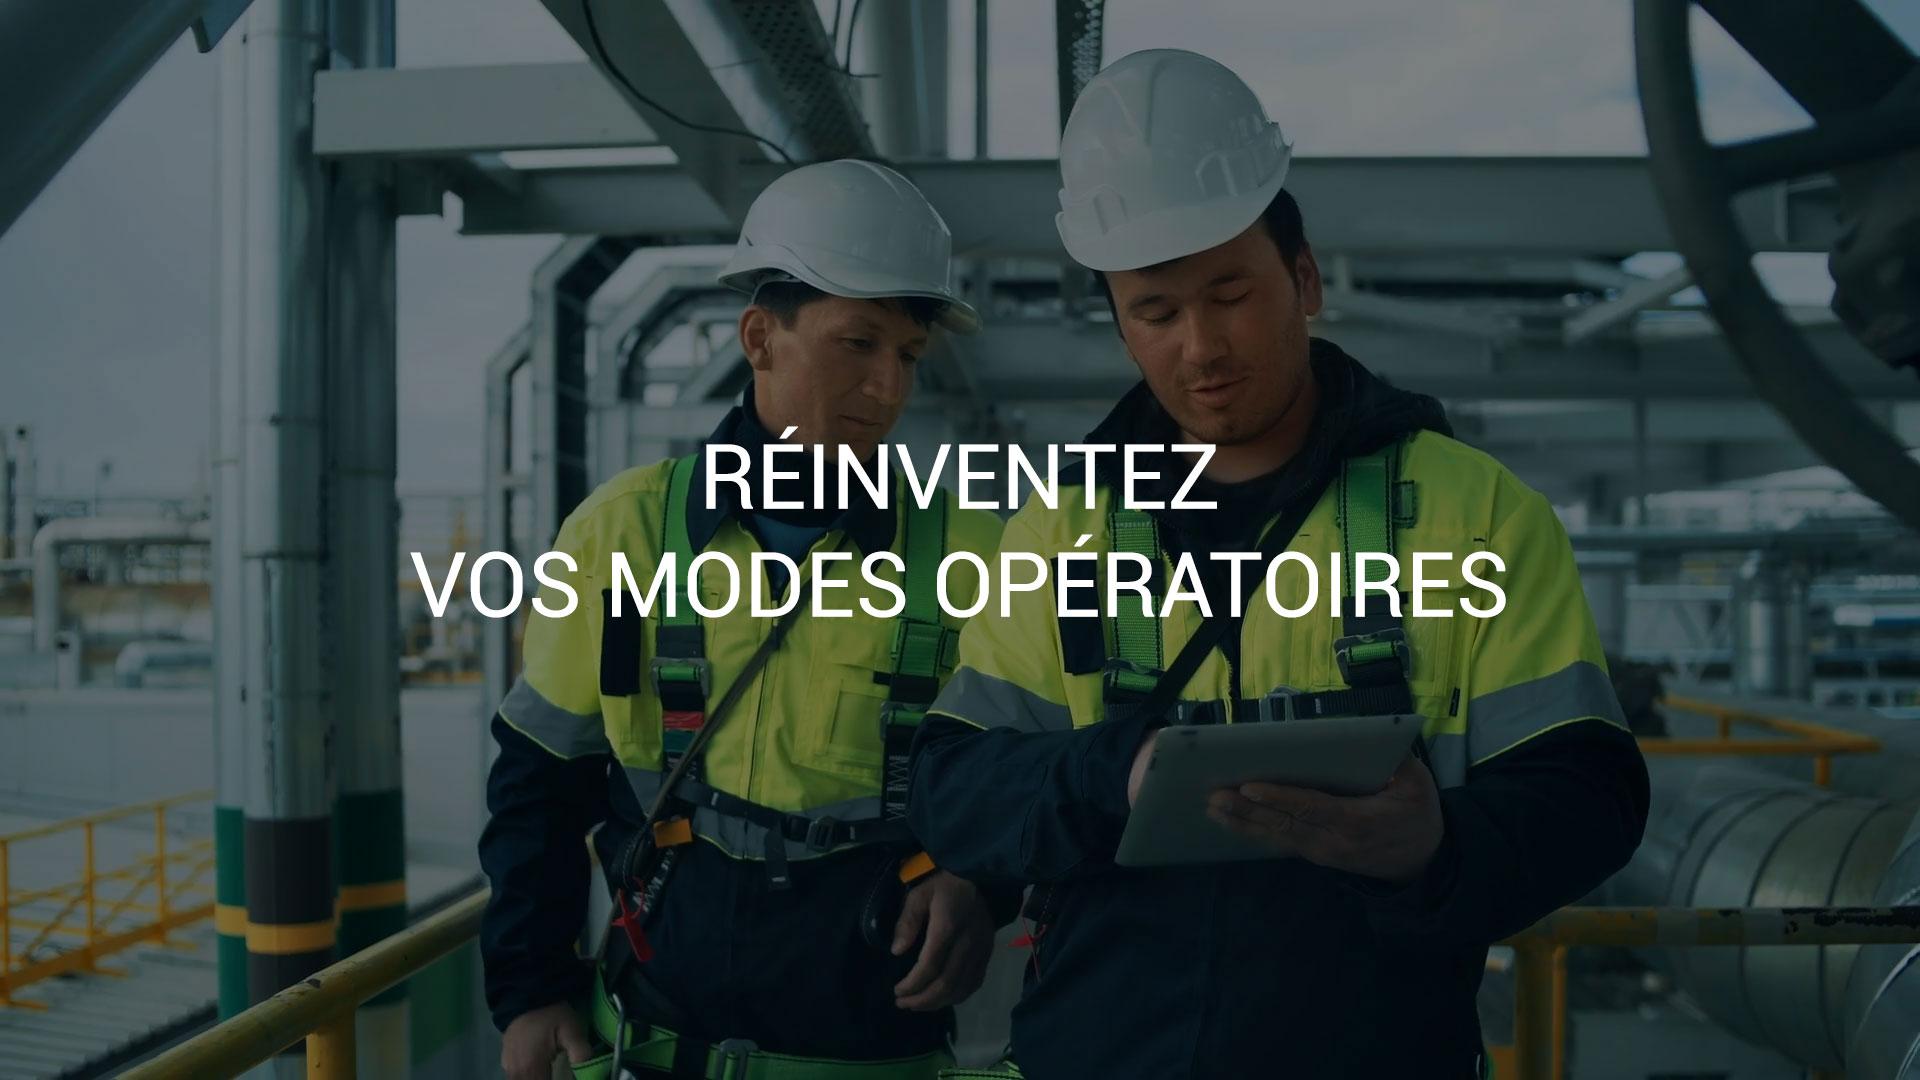 Réinventez vos modes opératoires